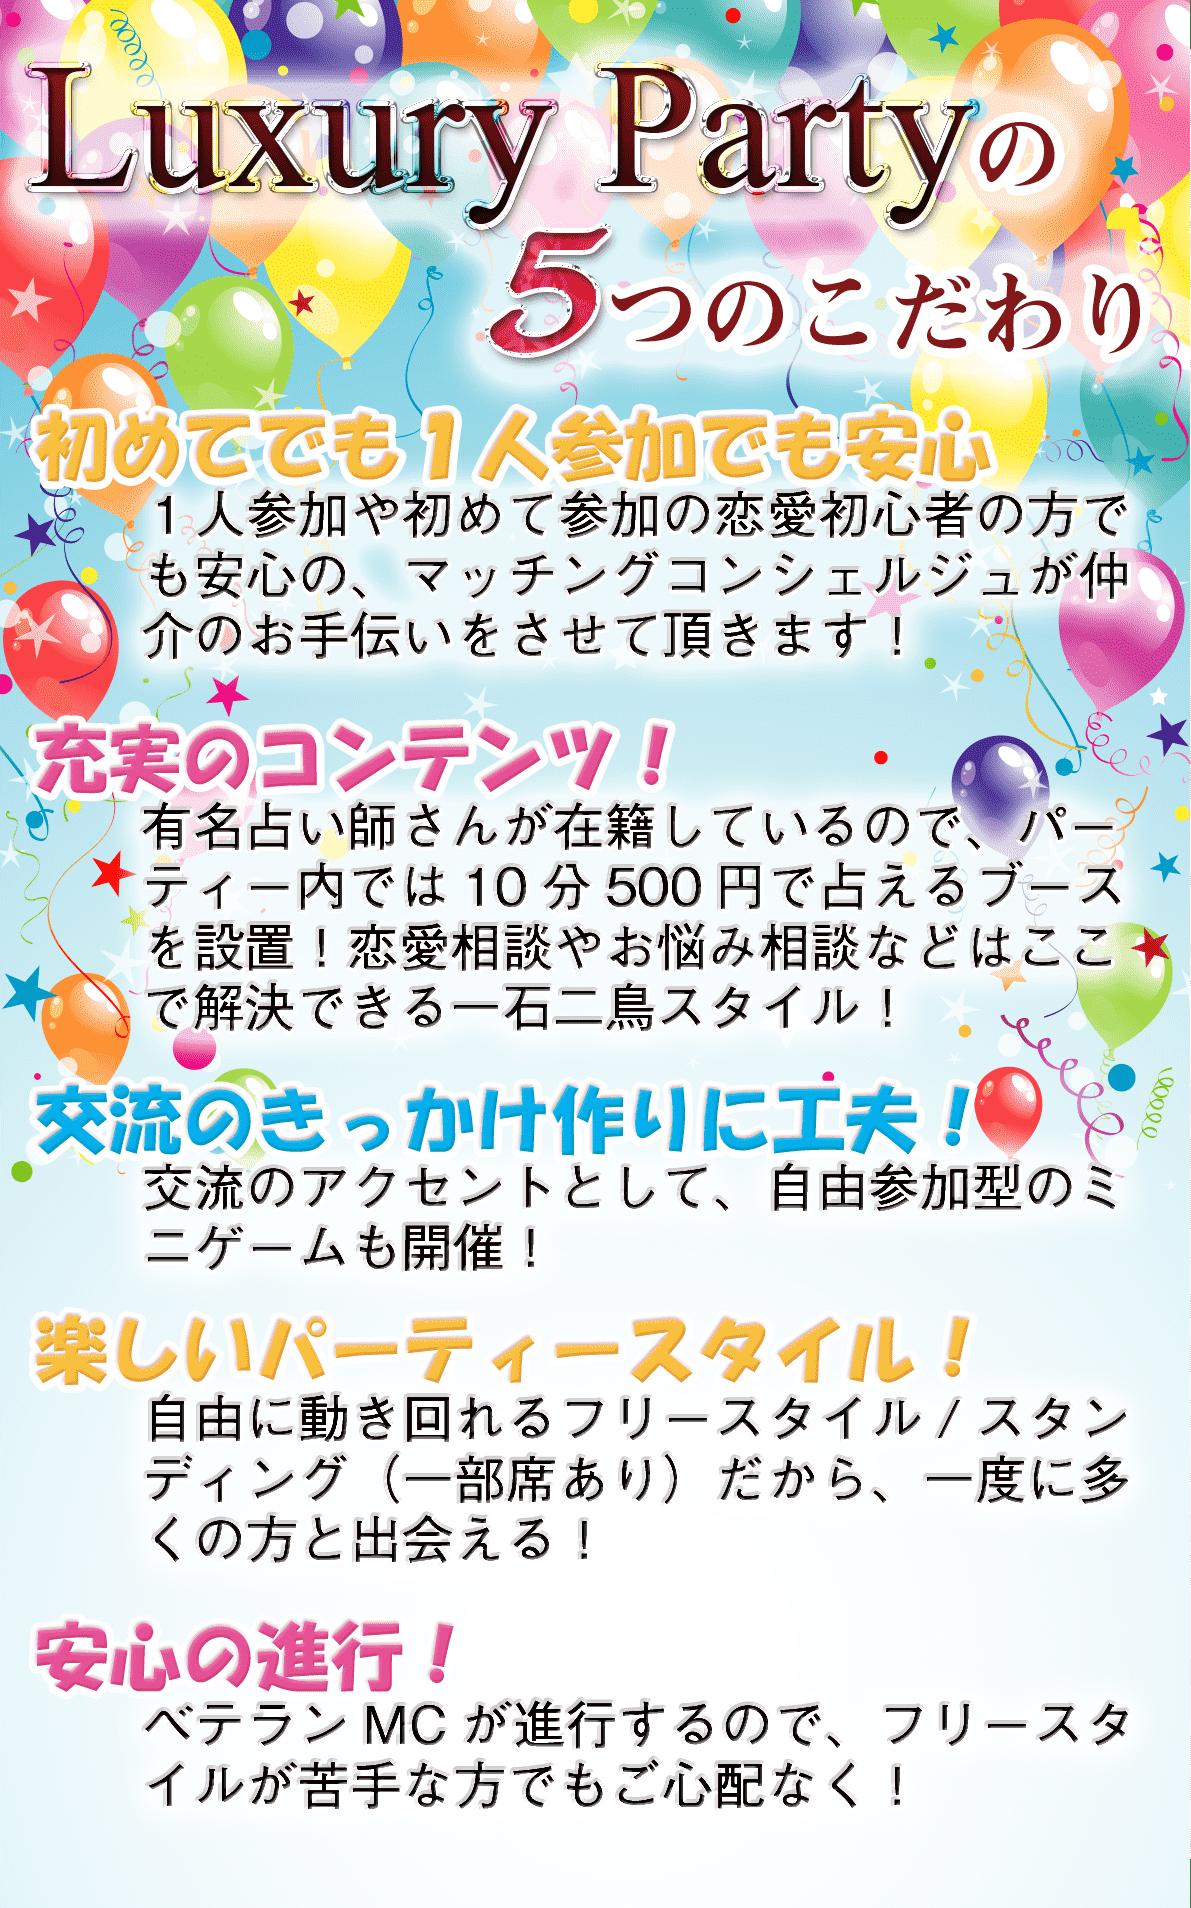 5spc_tokyo1